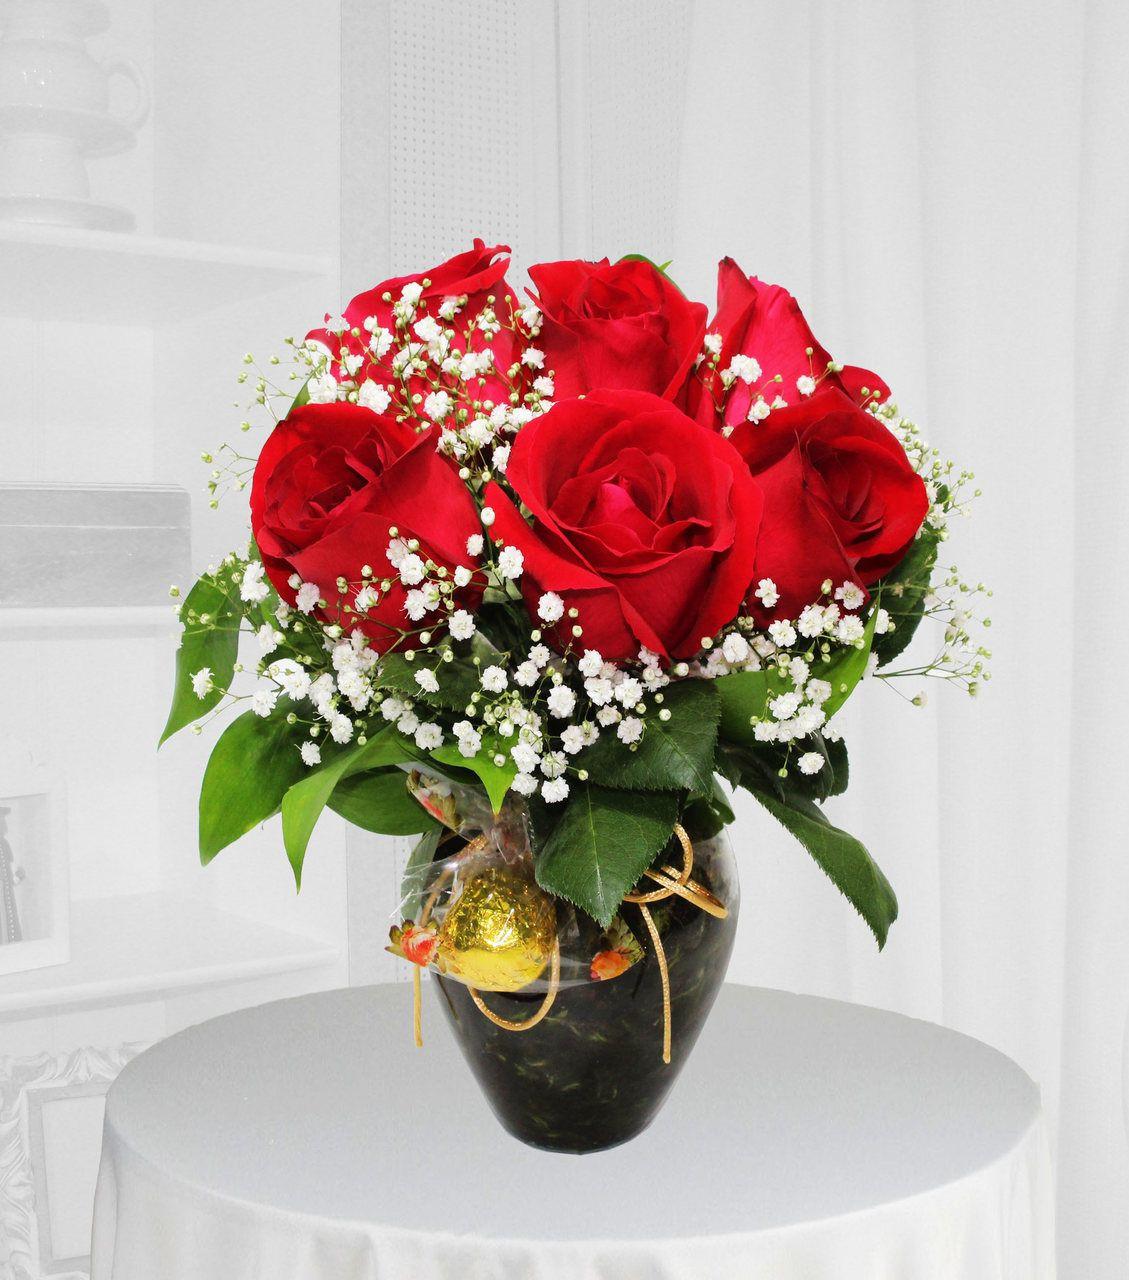 rosas vermelhas BH